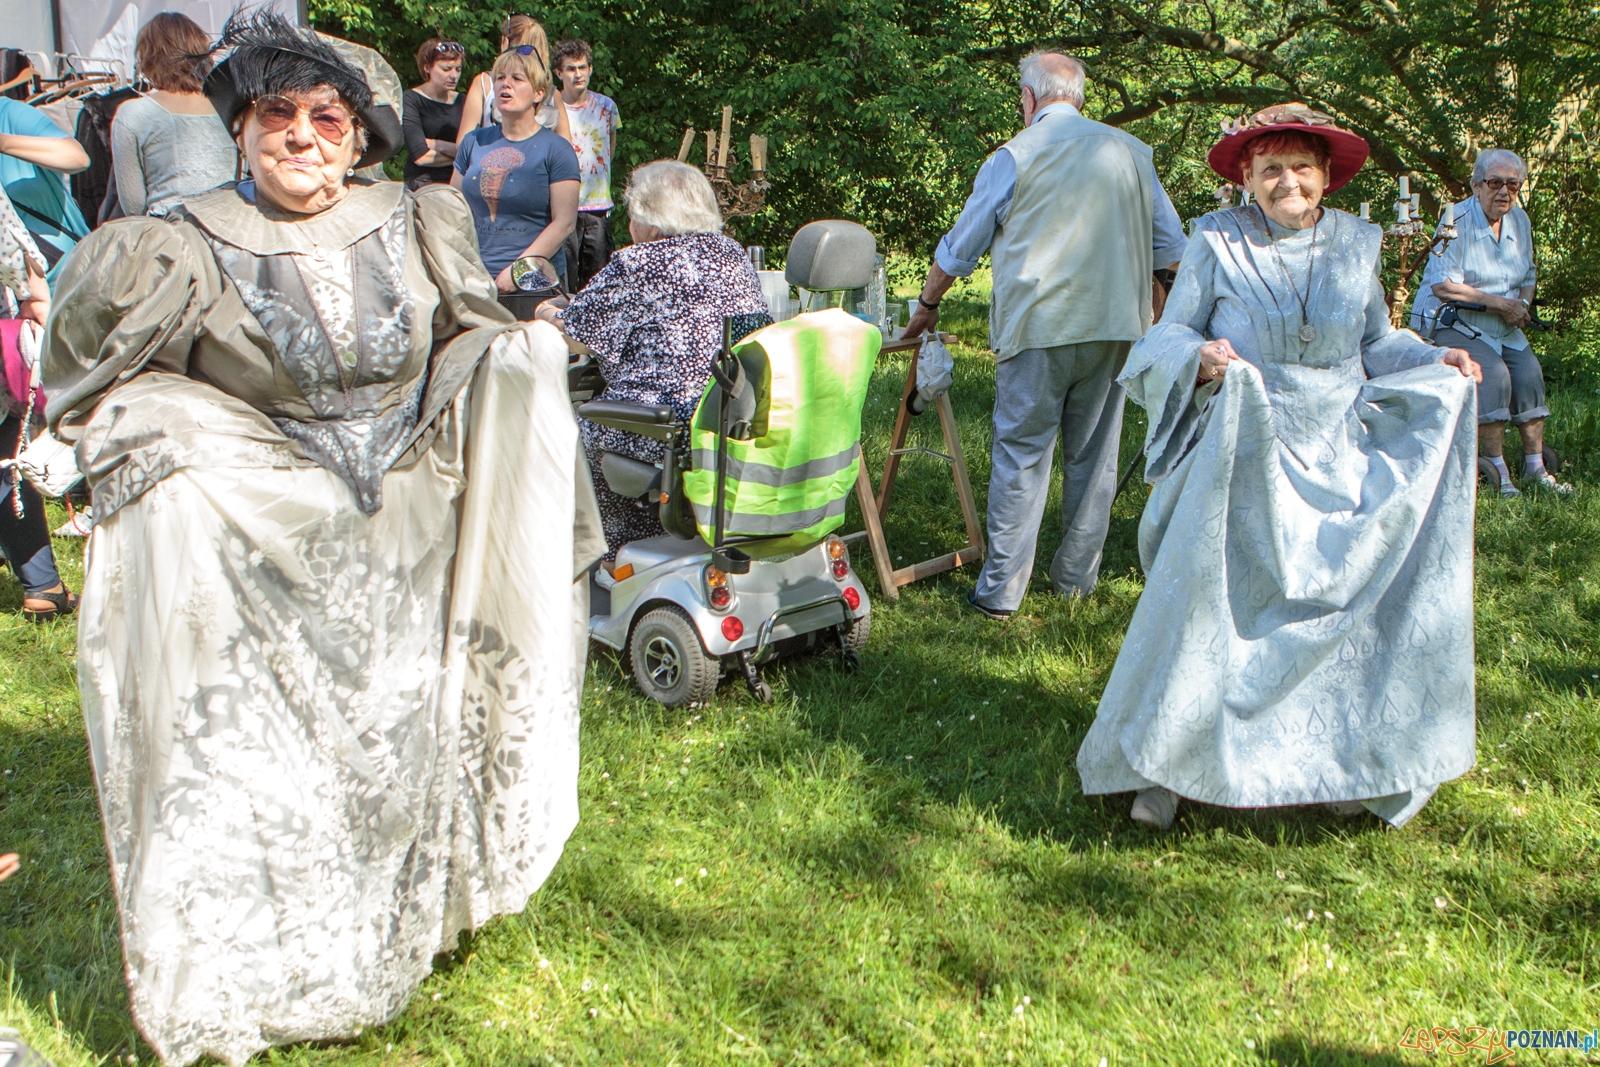 Belle Epoque. Piknik Historyczny na Szelągu - Poznań 27.05.201  Foto: LepszyPOZNAN.pl / Paweł Rychter